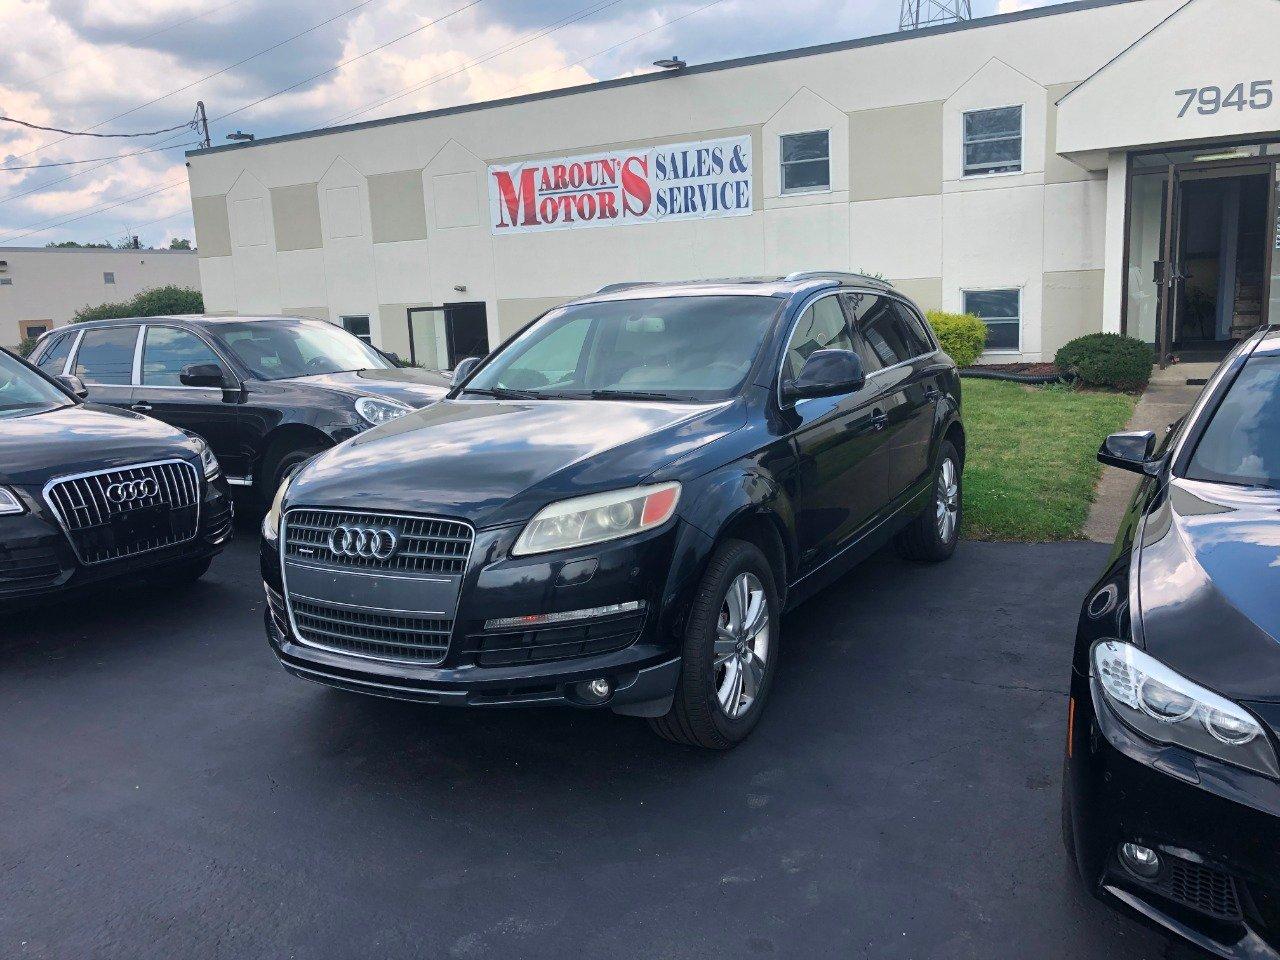 Maroun's Motors, Inc